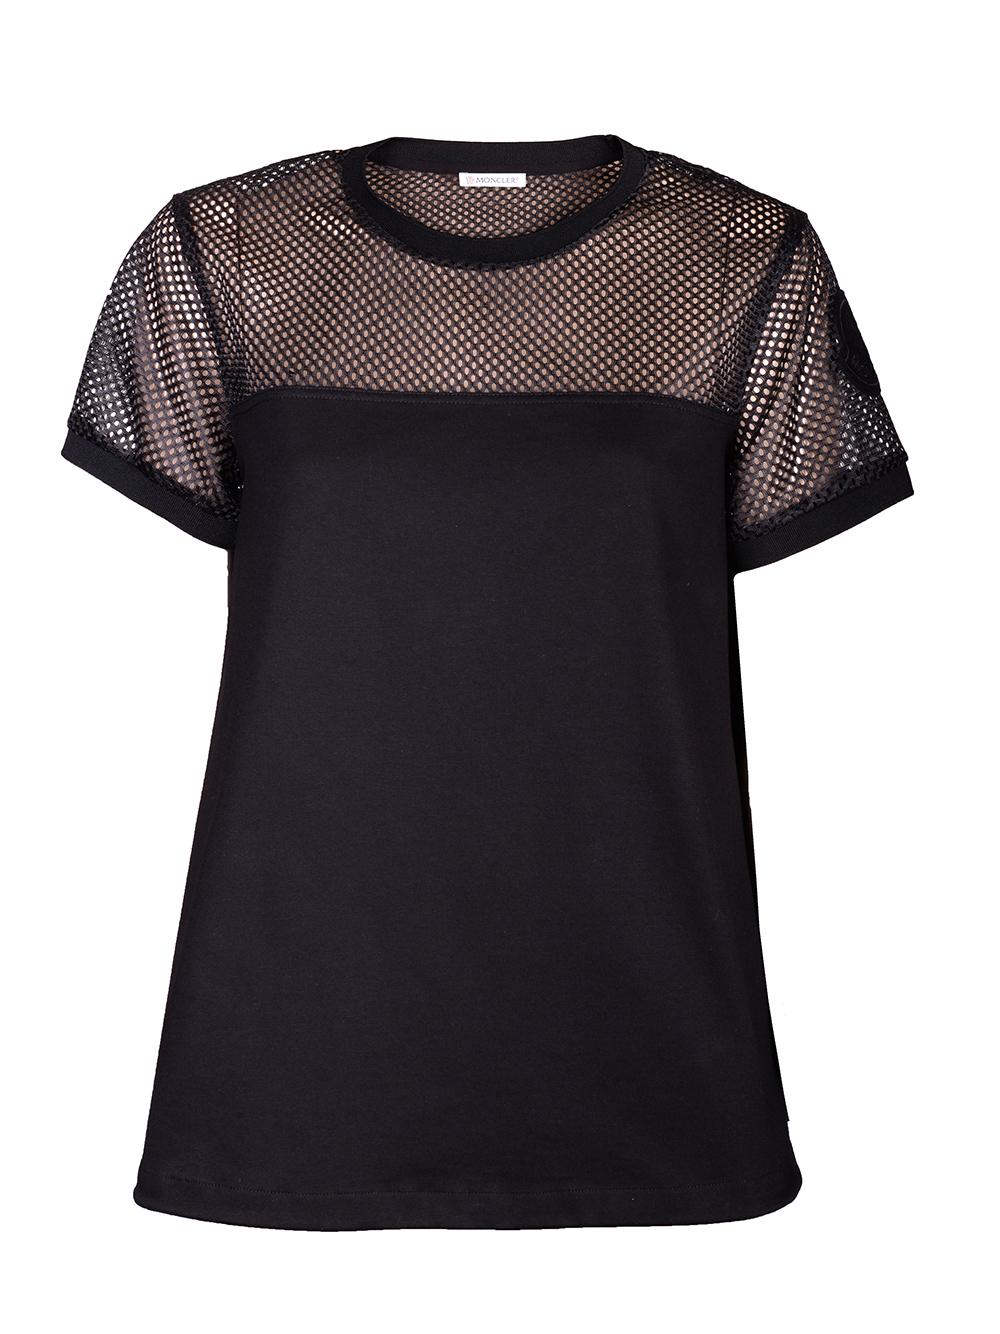 MONCLER Μπλούζα T-Shirt F10938C73400V8102 ΜΑΥΡΟ